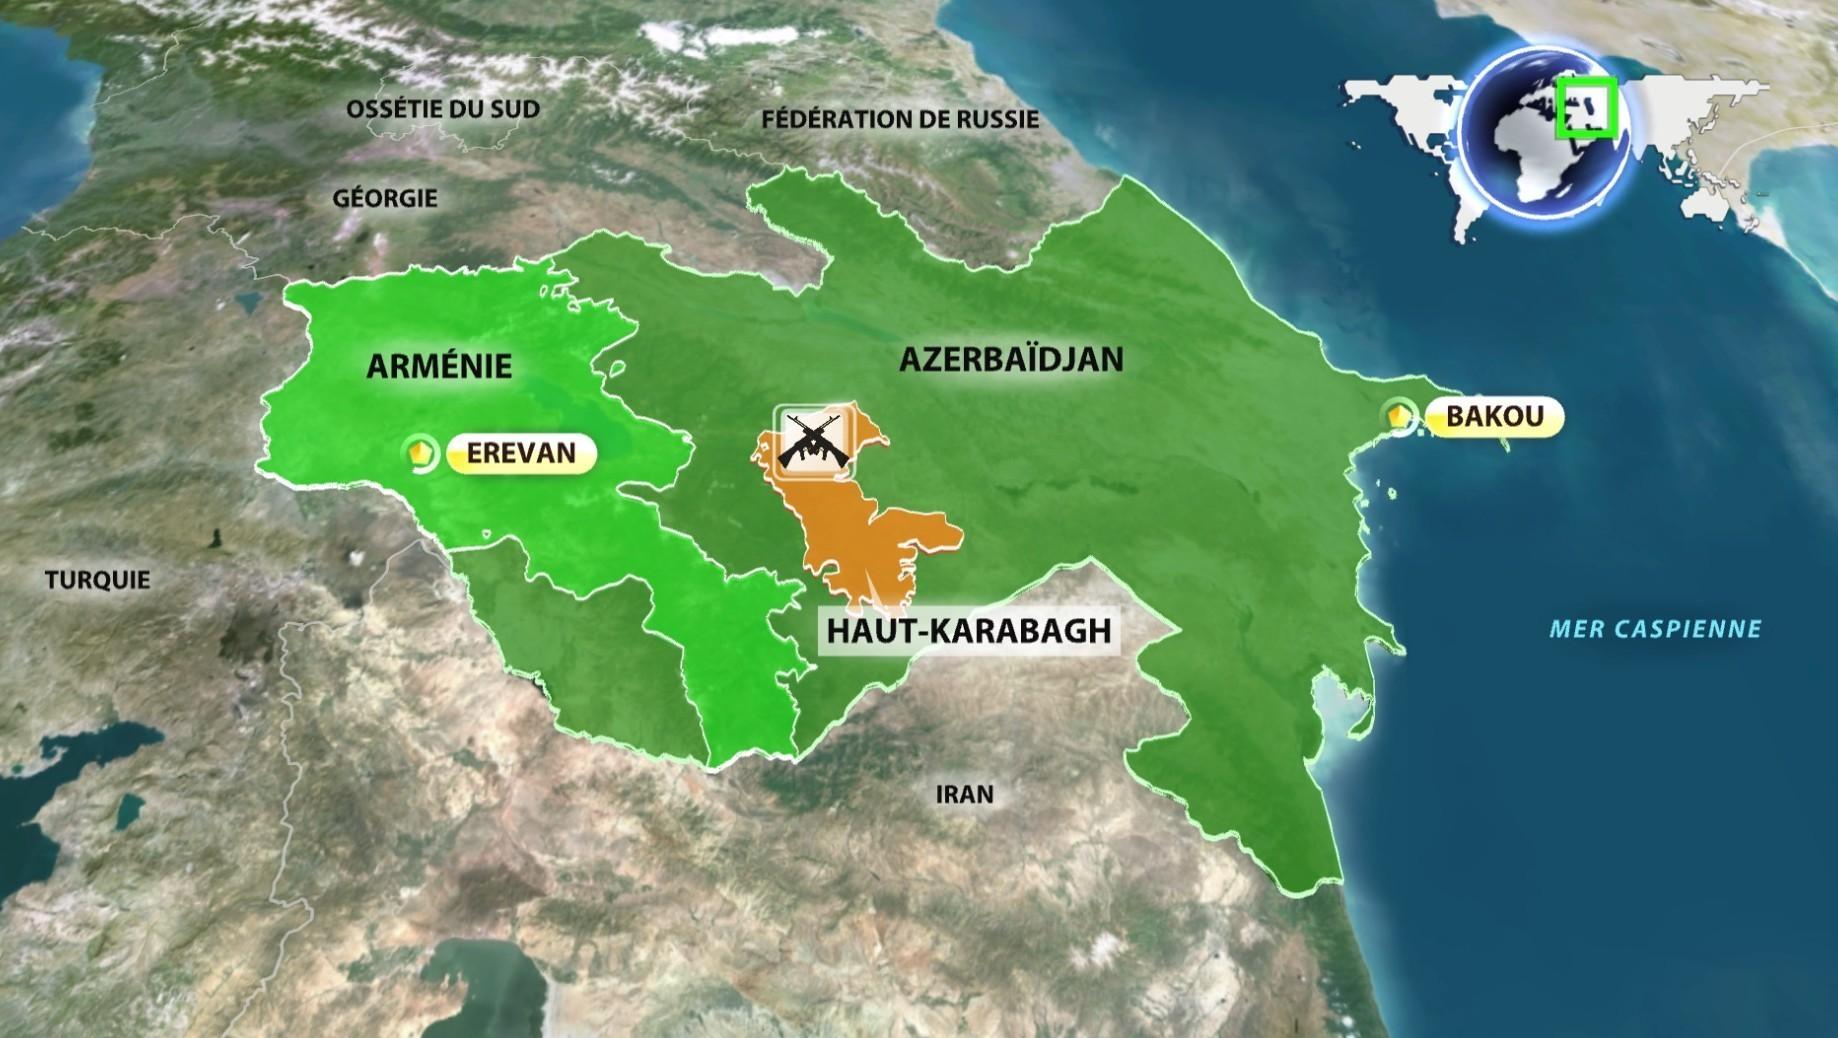 L'Arménie envisage le retour d'une partie du Haut-Karabagh au sein de l'Azerbaïdjan